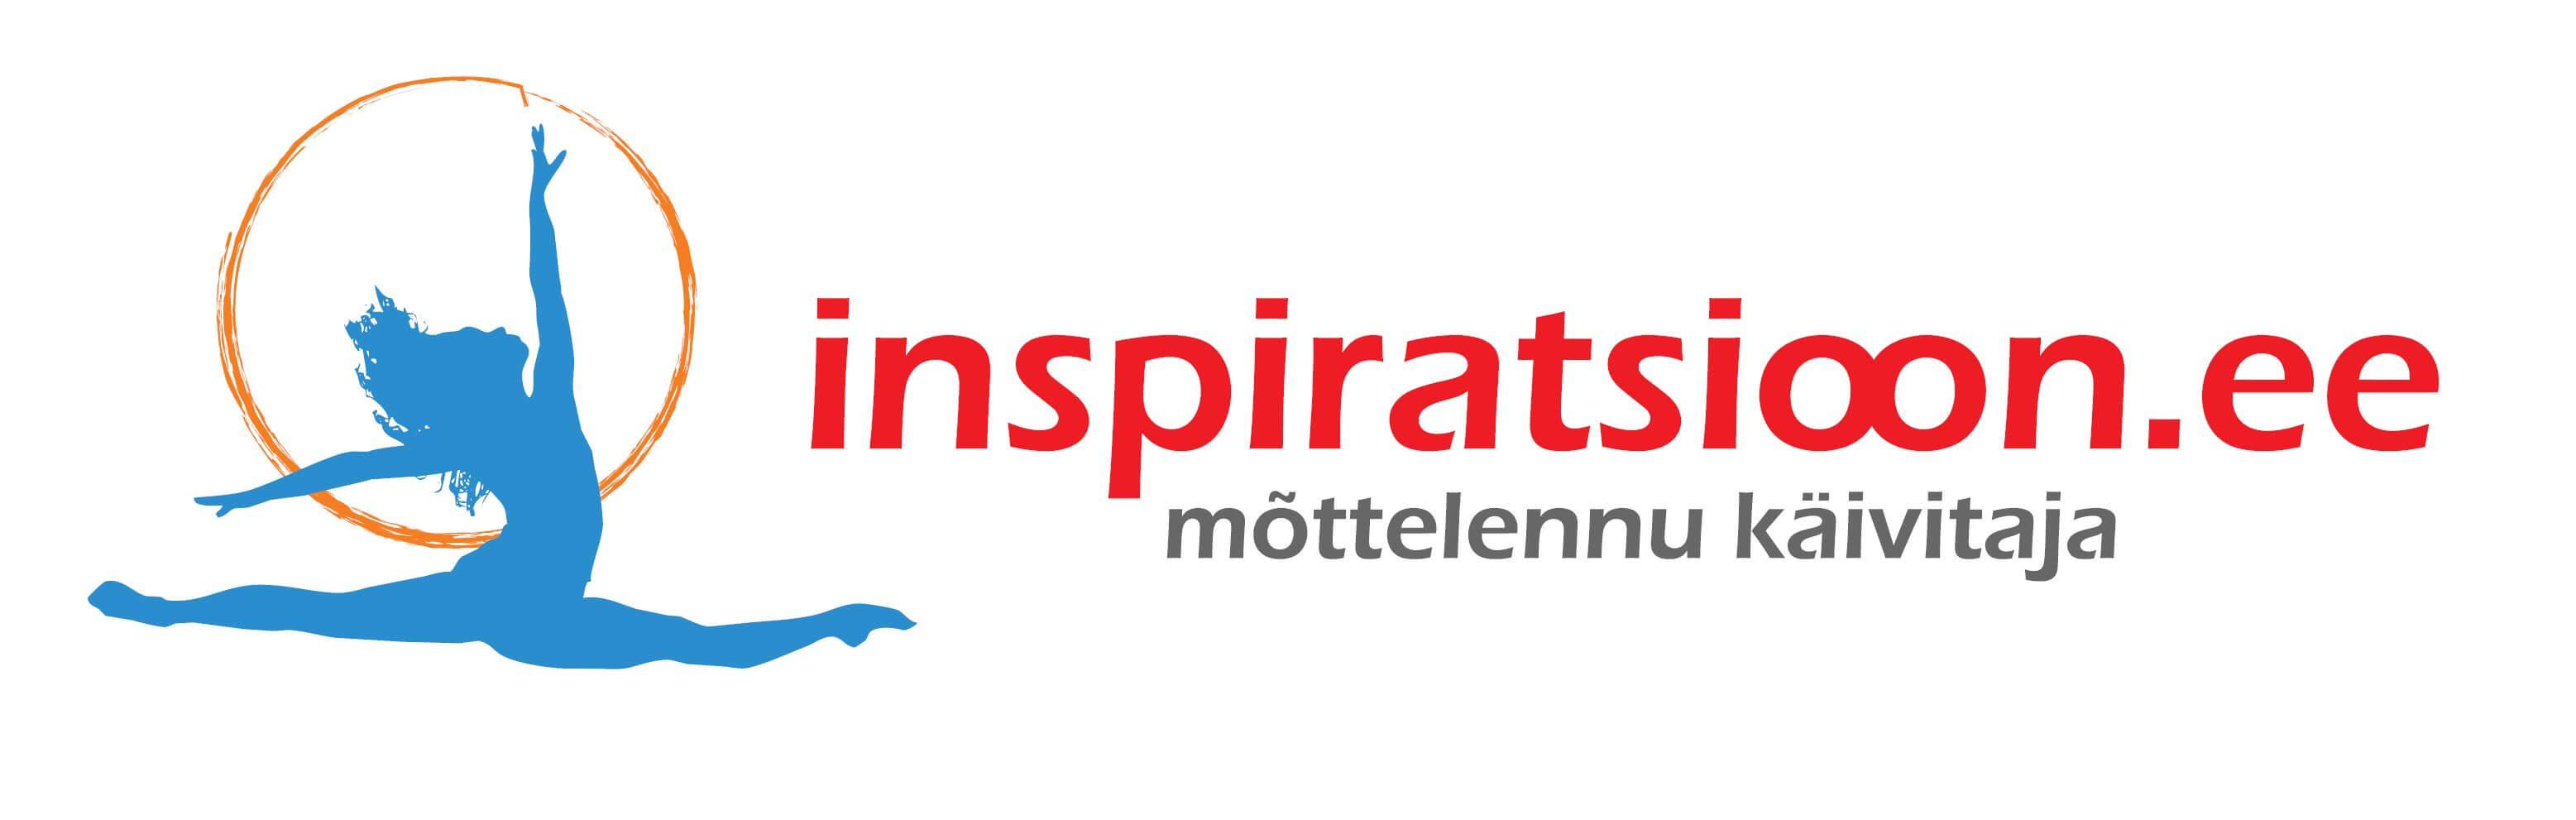 Inspiratsioon - motivatsioon, loovus, eneseareng